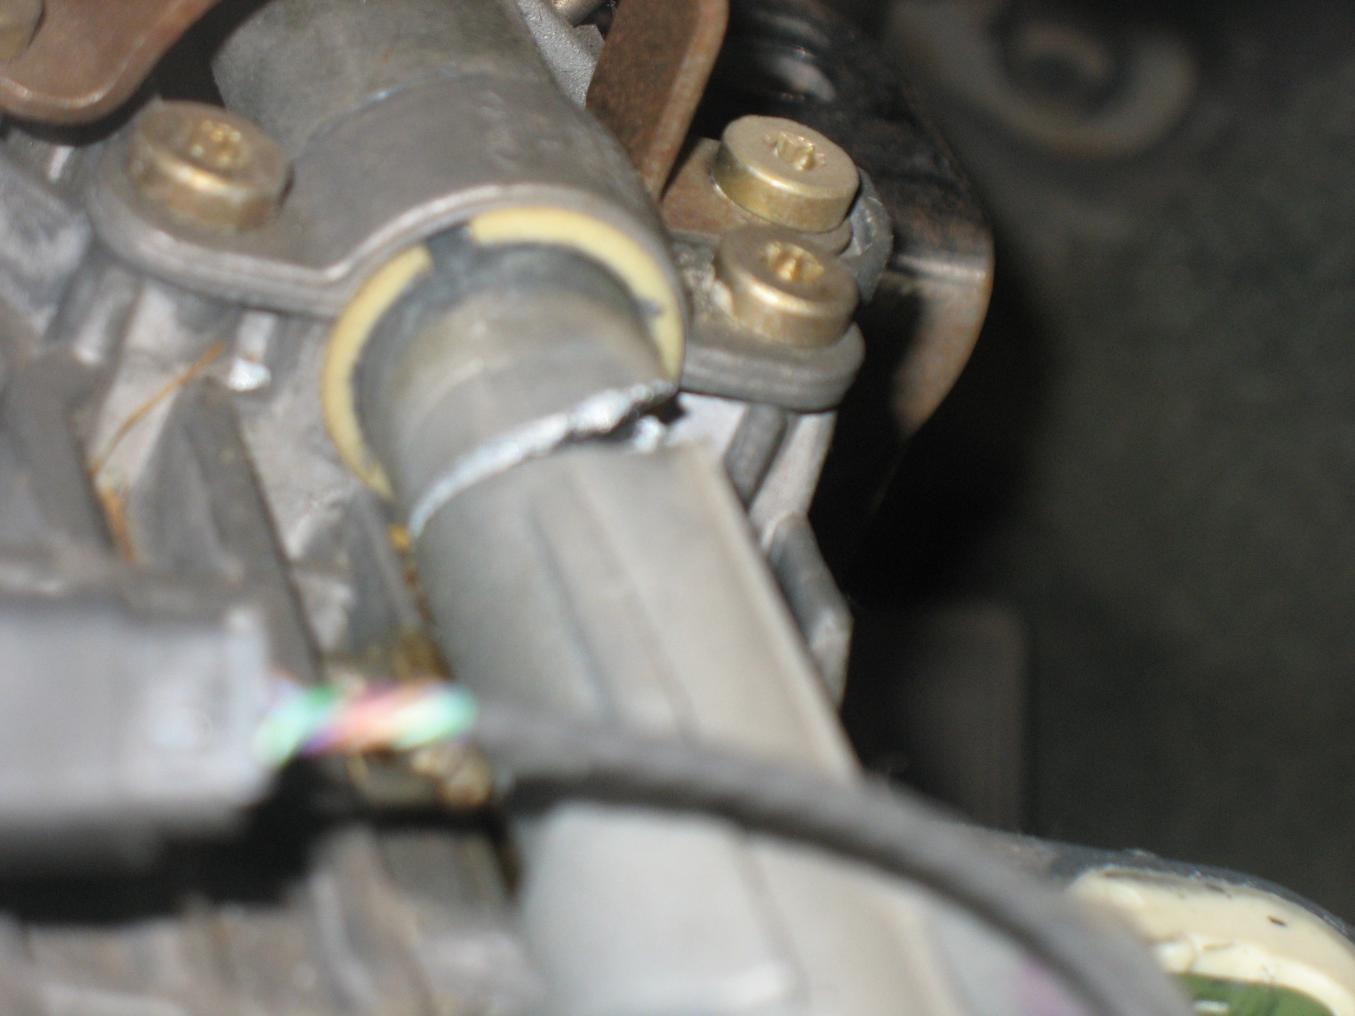 hight resolution of img 3457 jpg automatic transmission shifter broken img 3458 jpg